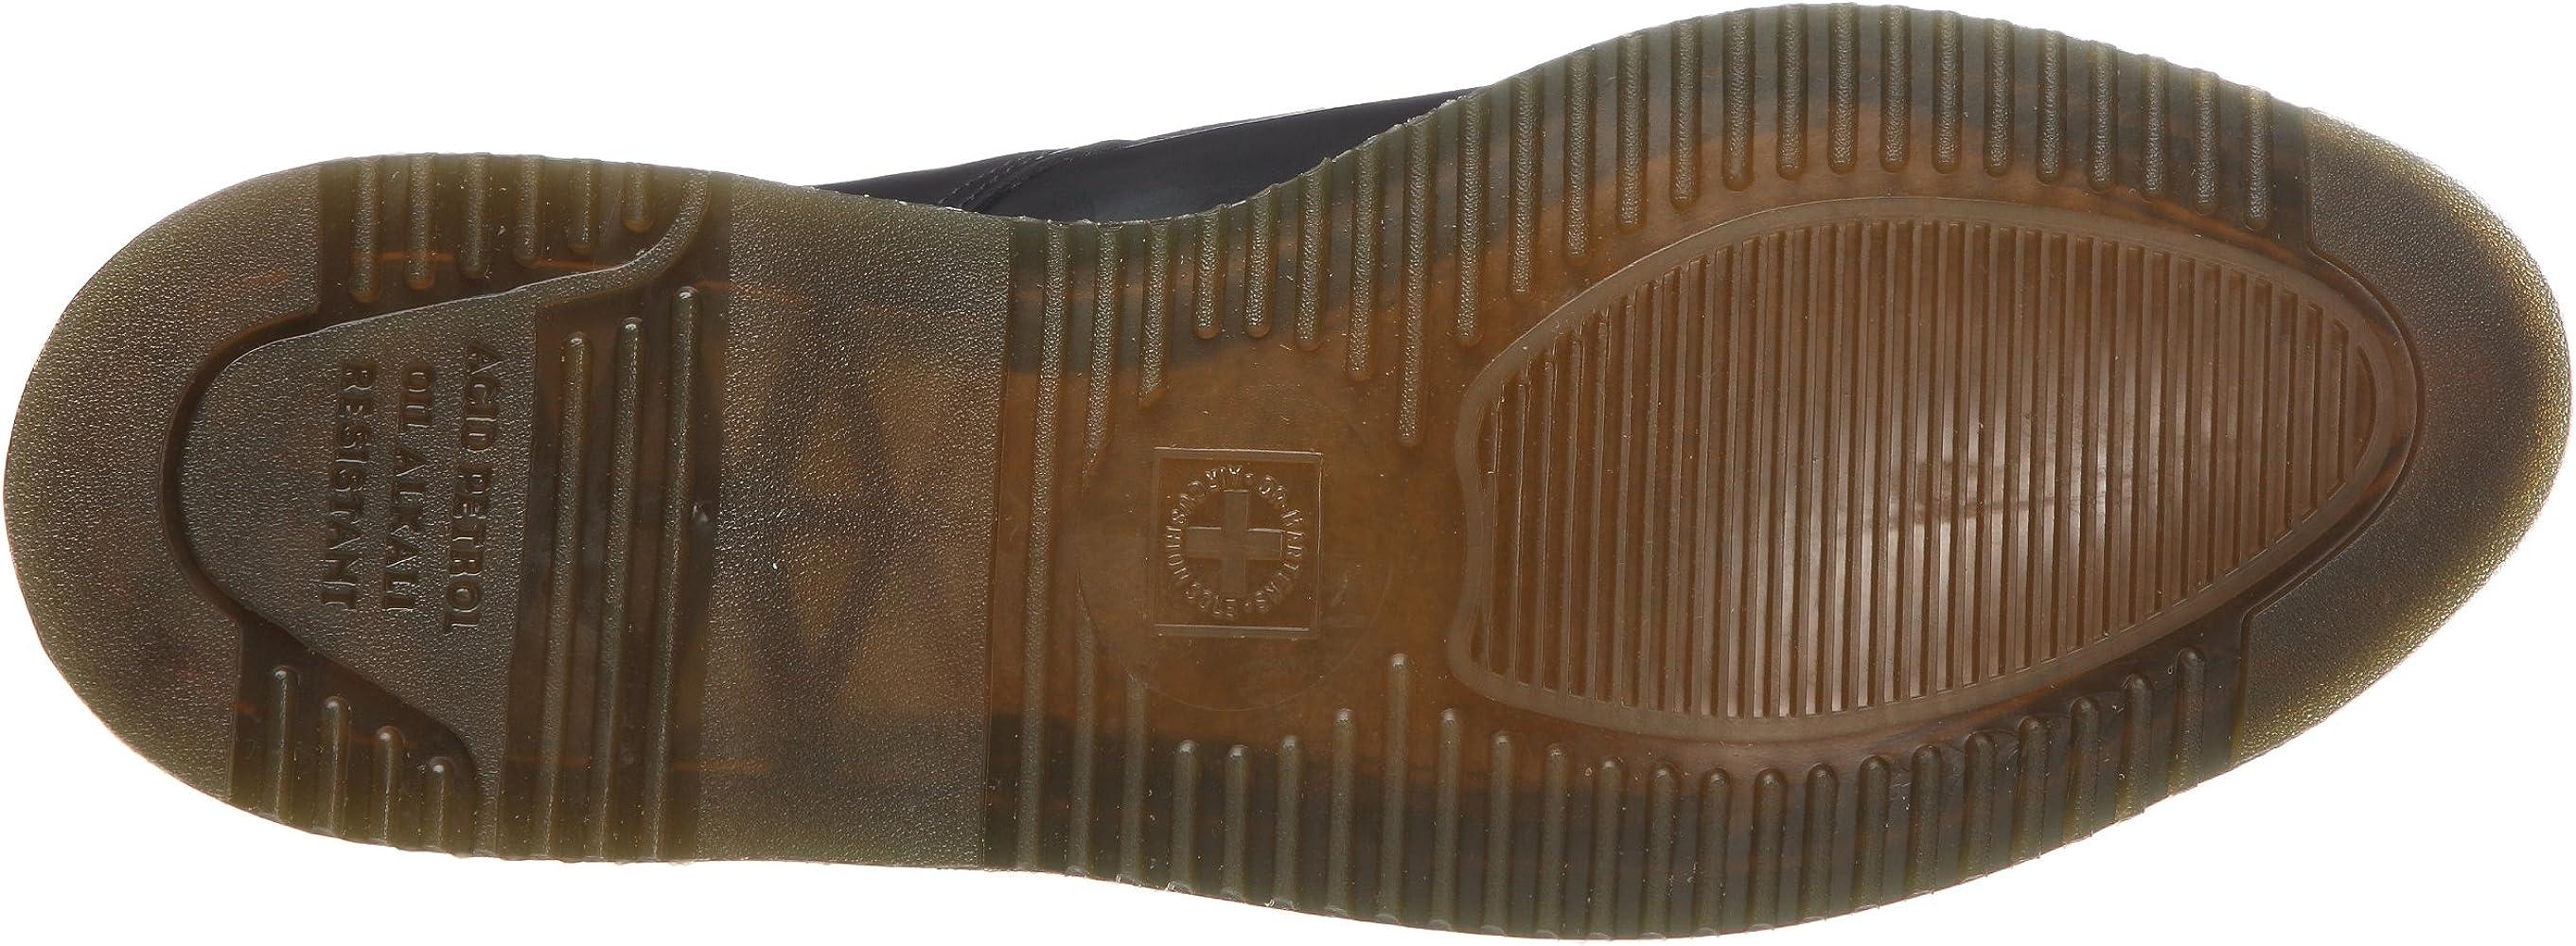 Dr. Martens Arien, Chaussures à lacets homme Noirblanc